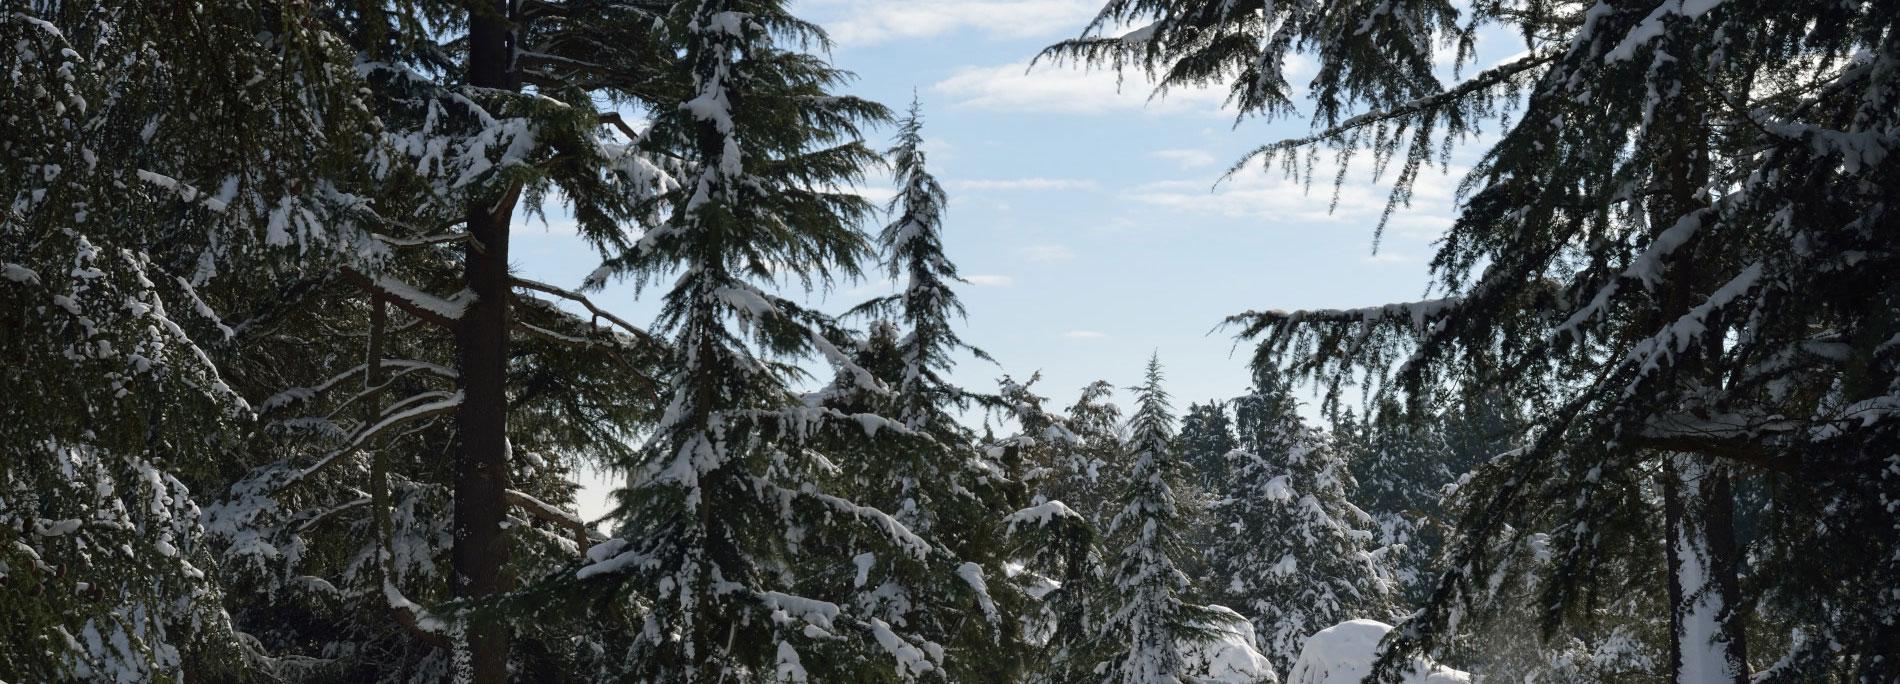 Les Clairières des Conifères enneigées à l'Arboretum © MNHN